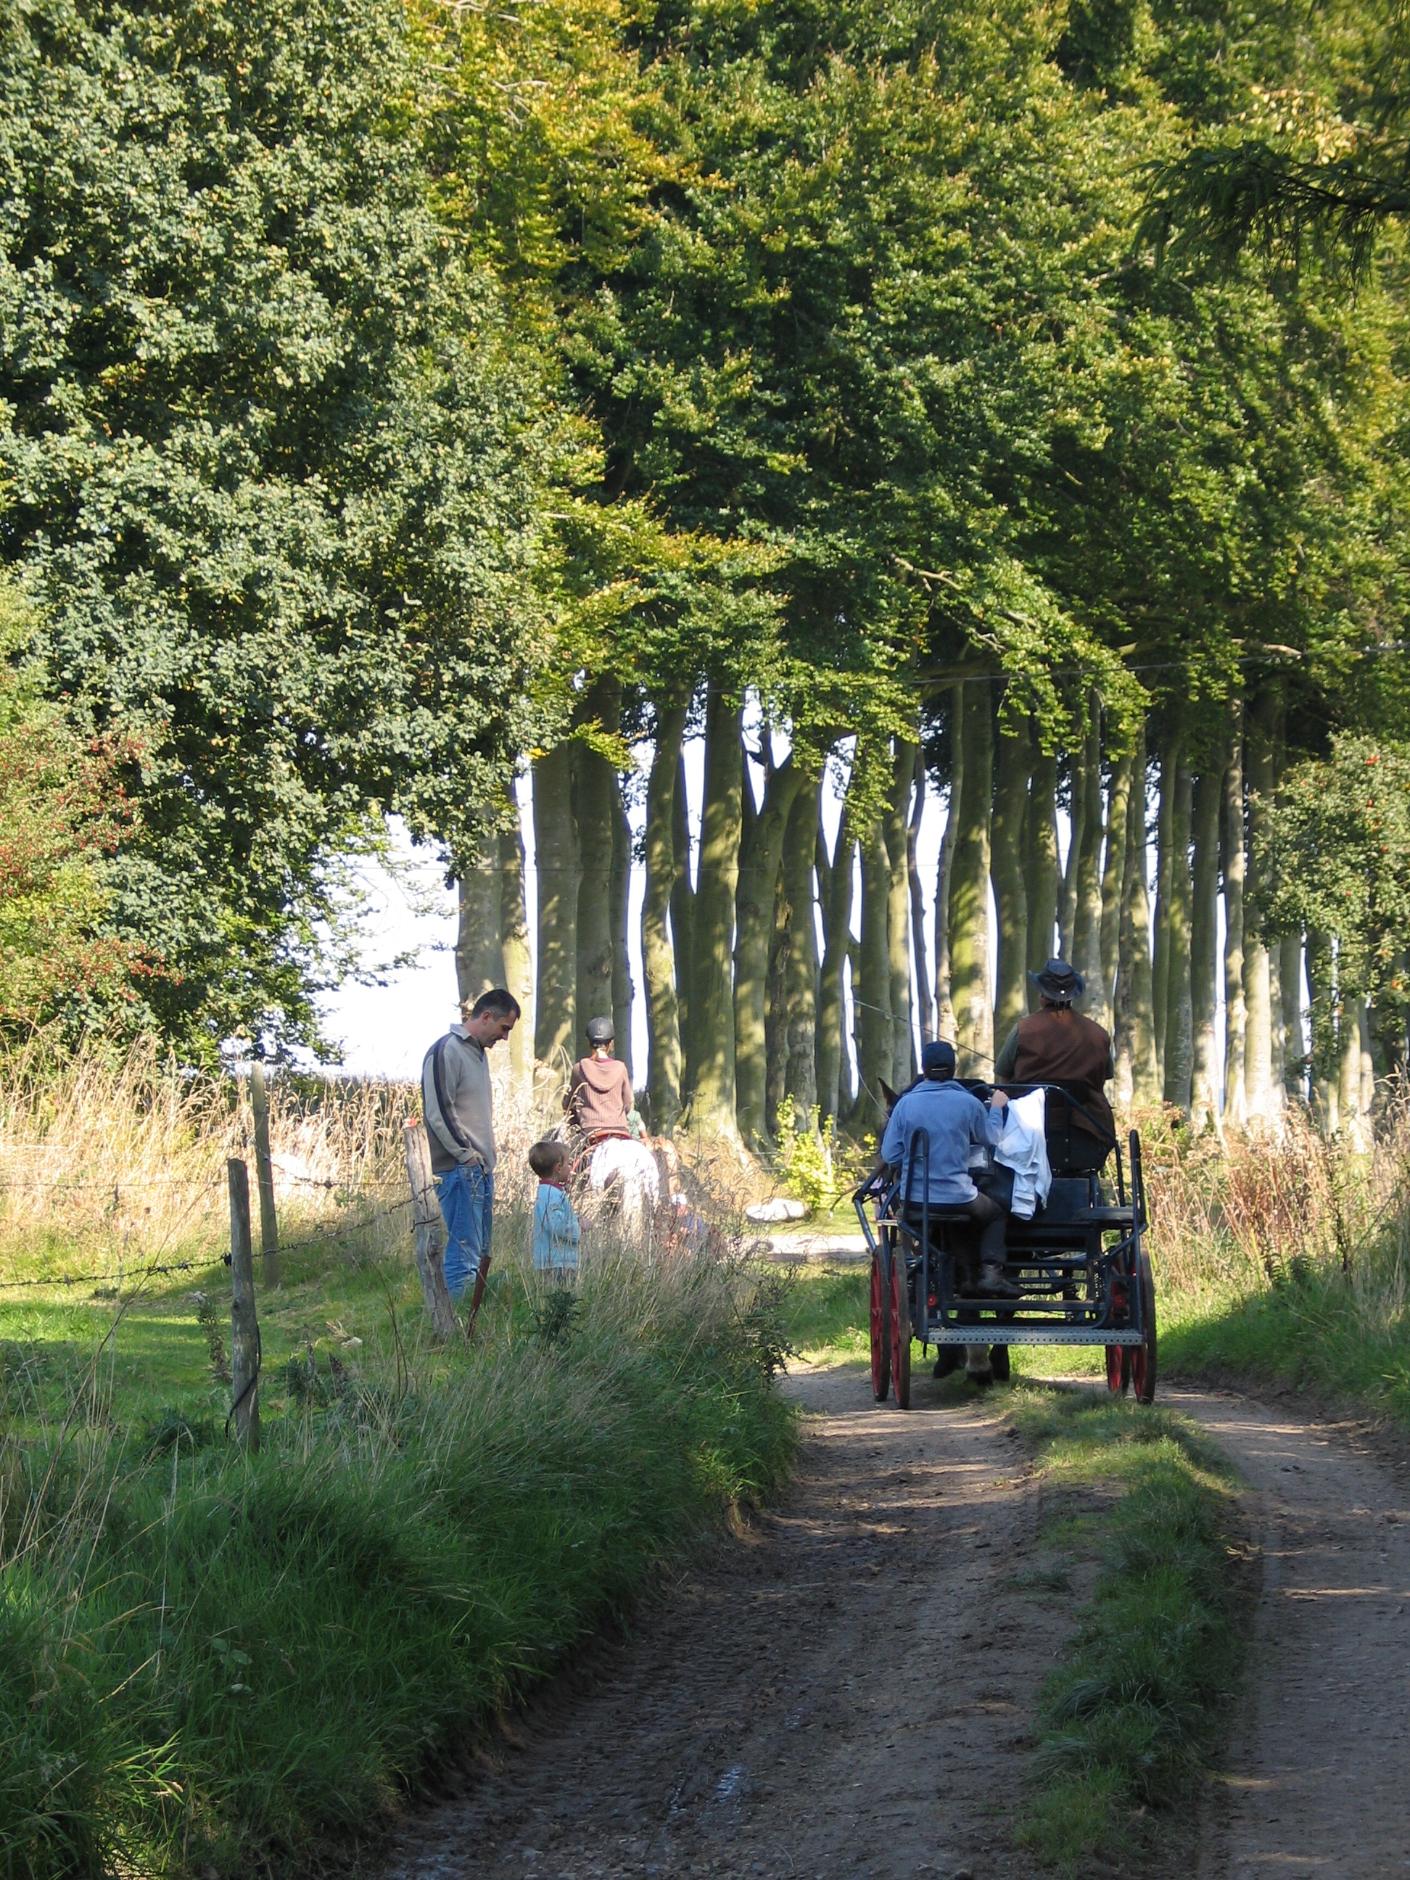 Horseback trek - 'Sur les traces de François 1er'